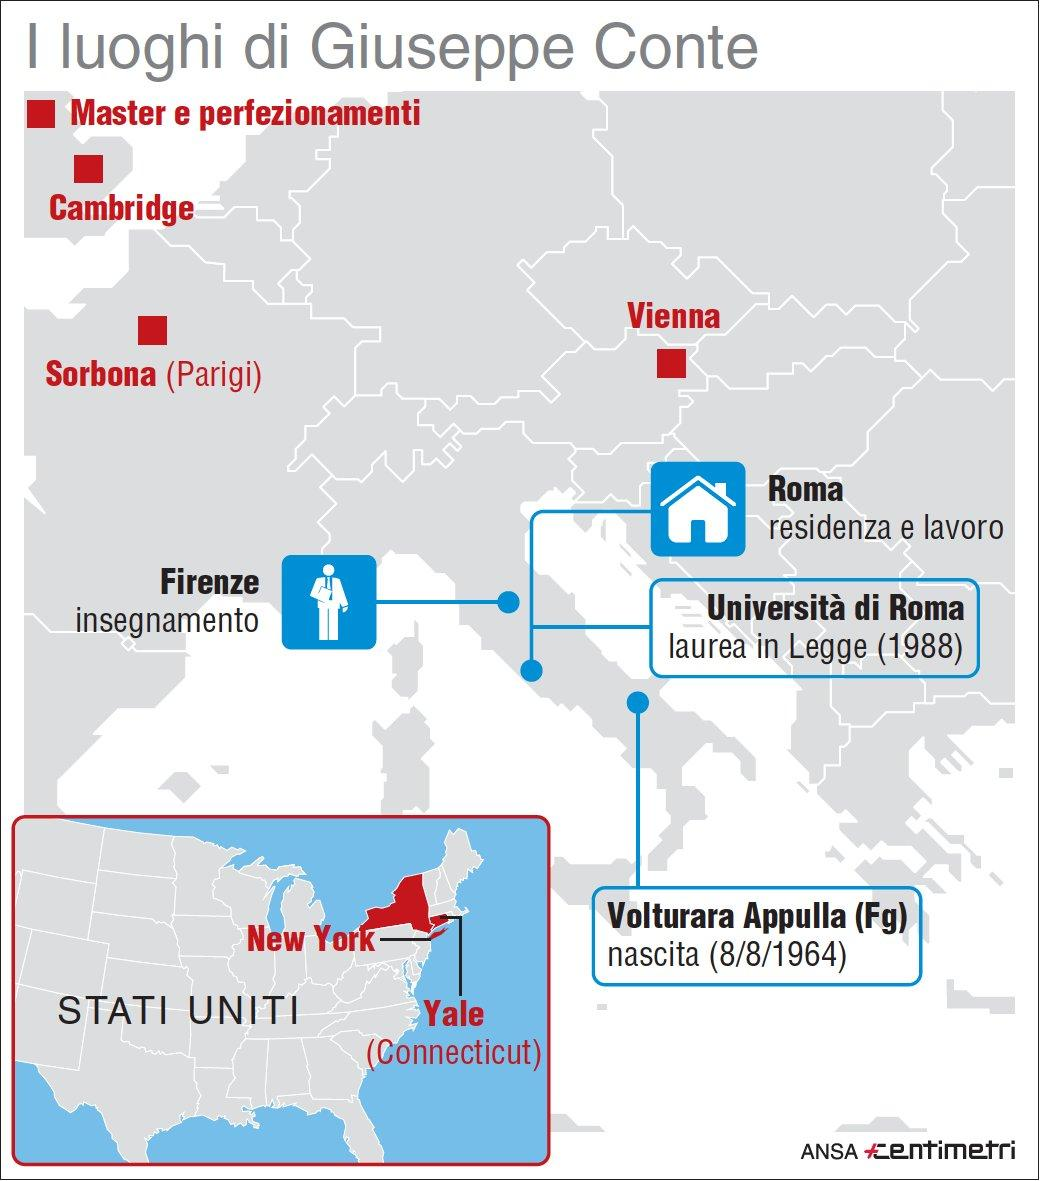 Italia ed estero: i luoghi di Giuseppe Conte